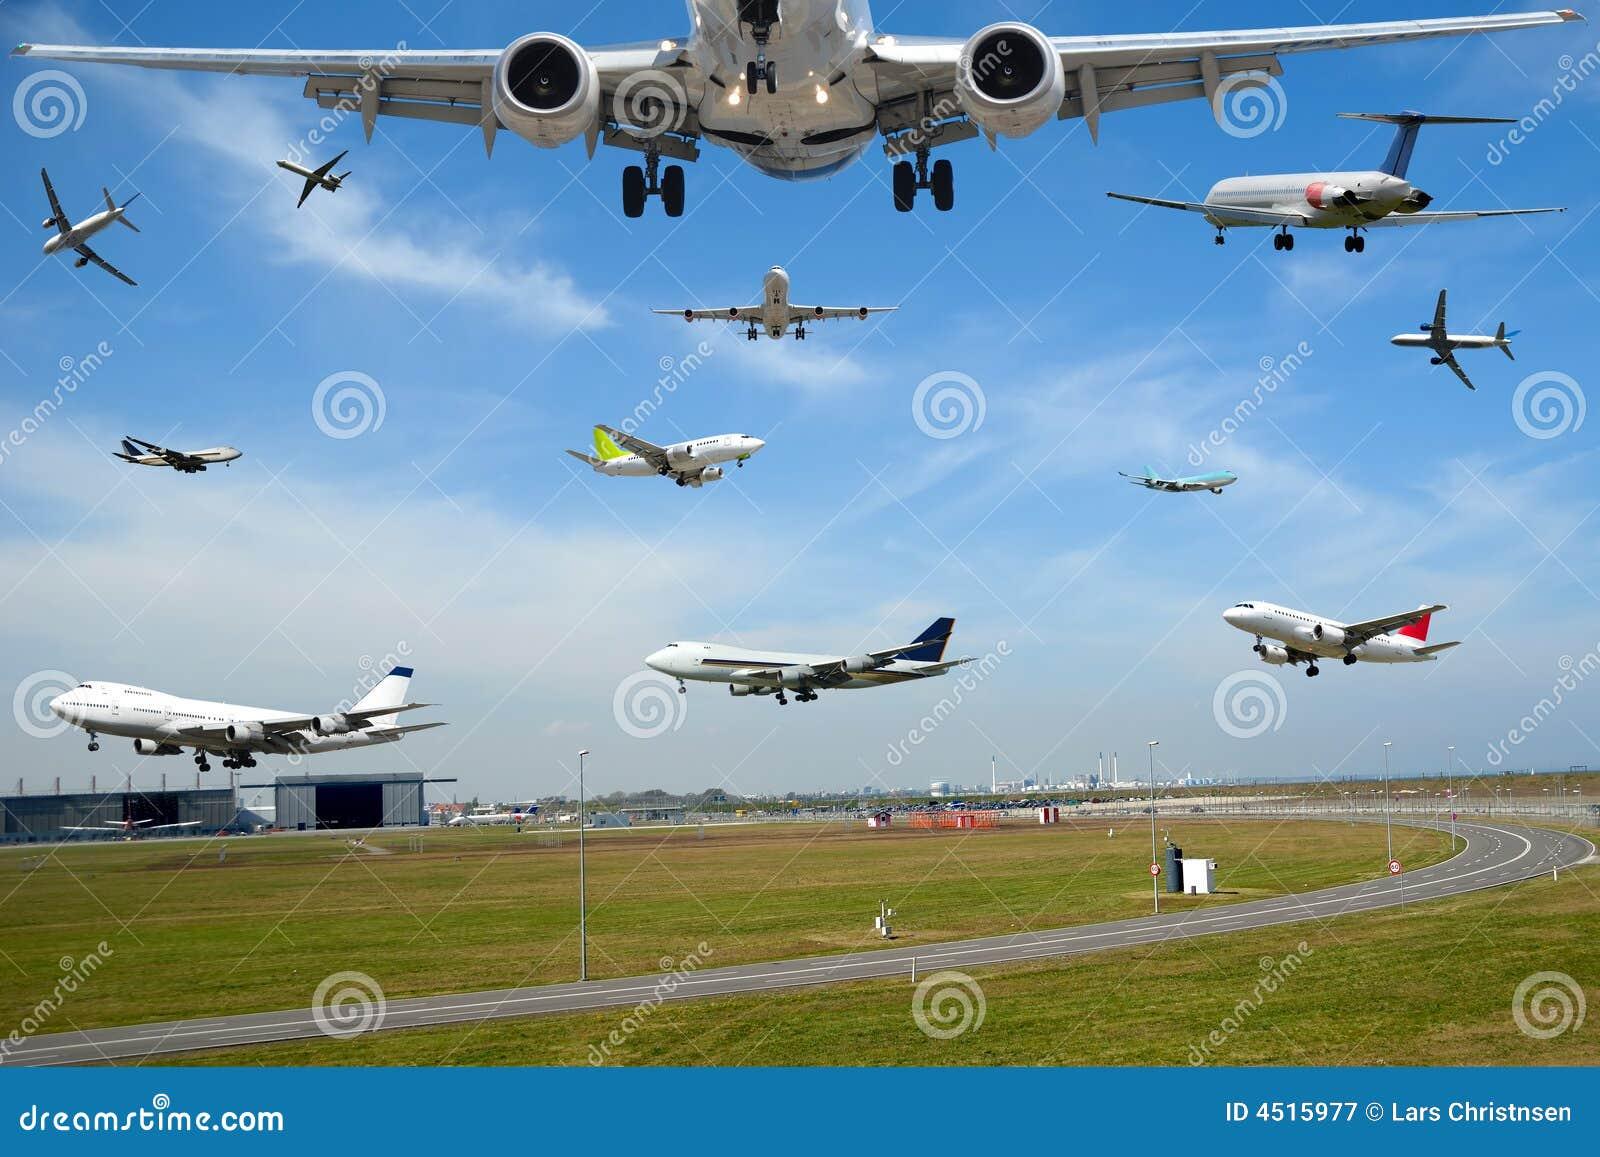 Viagem aérea - tráfego plano no aeroporto em horas de ponta